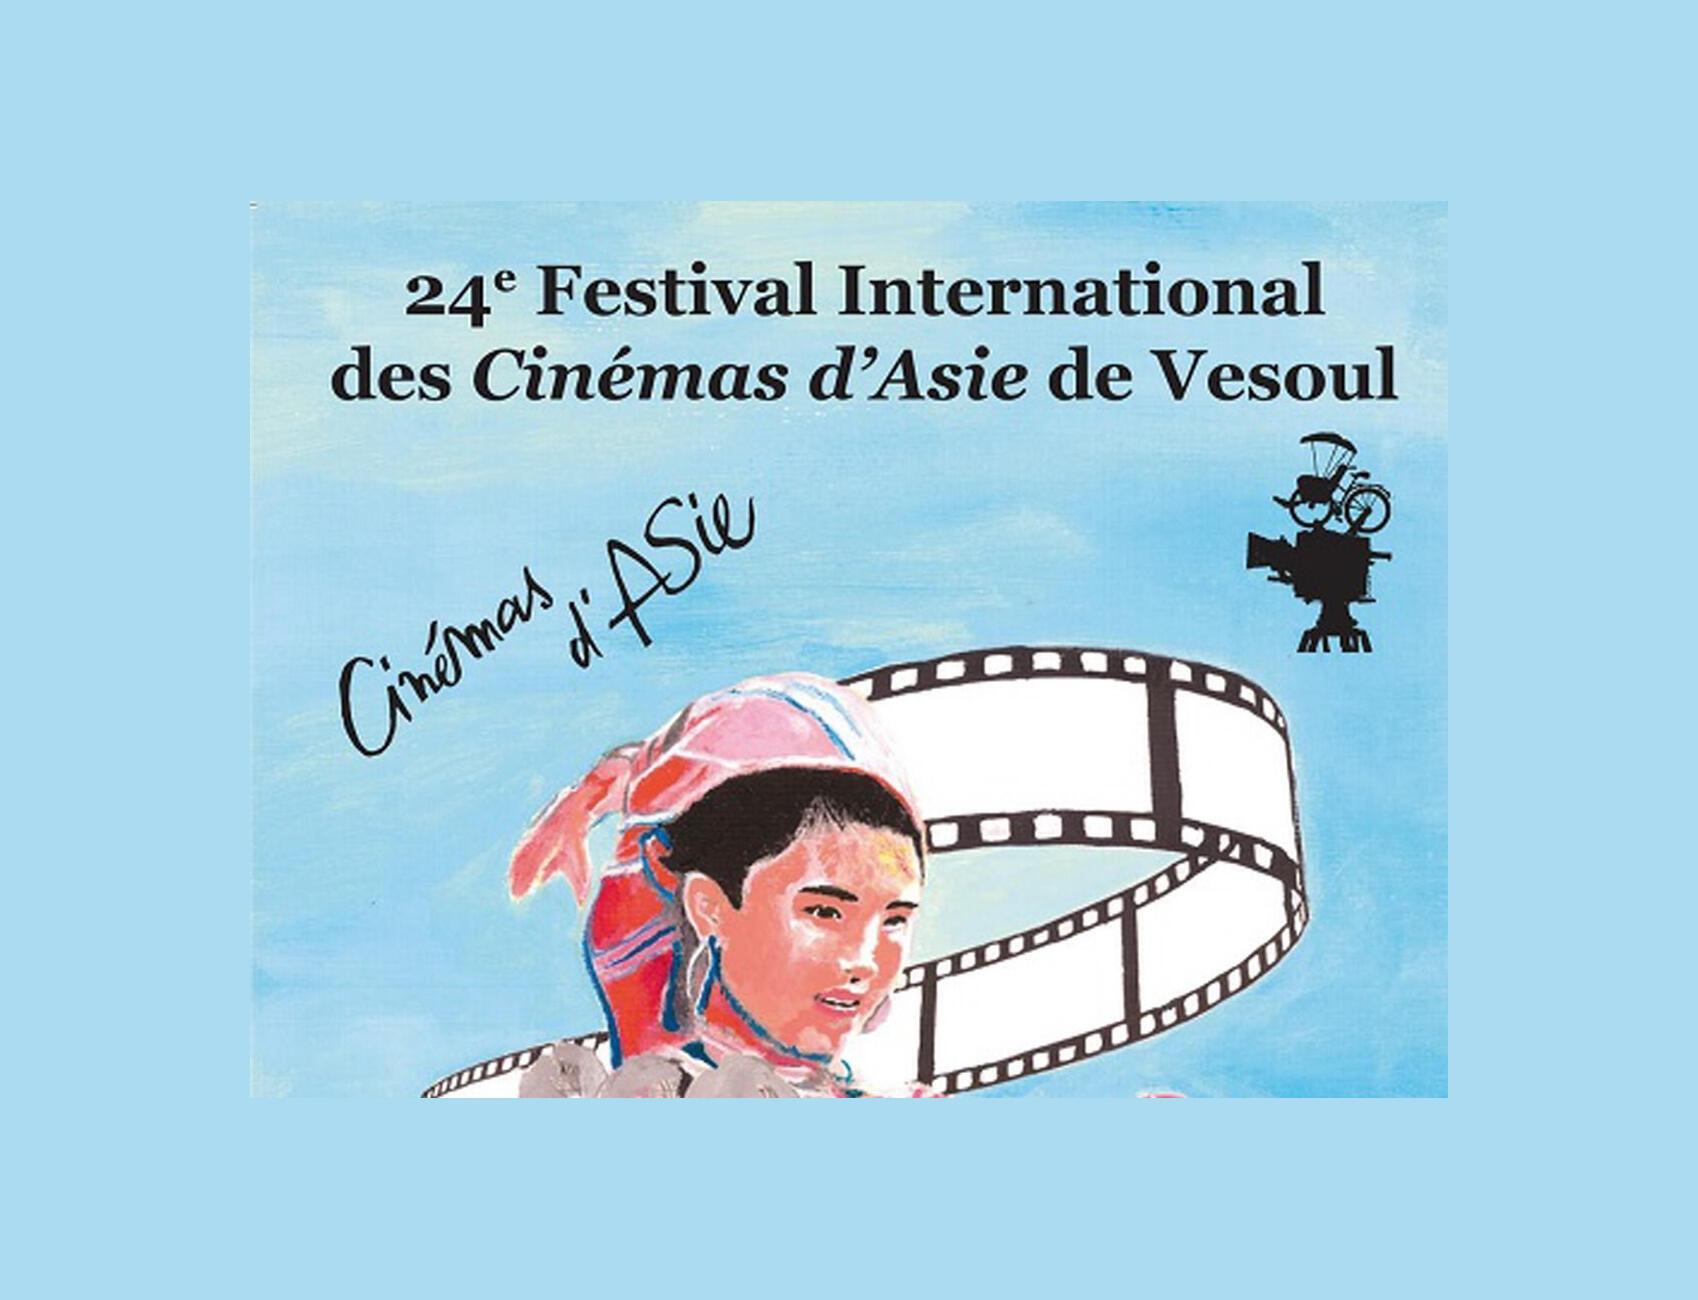 """آفیش بیست و چهارمین جشنوارۀ بینالمللی سینمای آسیا در شهر """"وزول"""" فرانسه."""